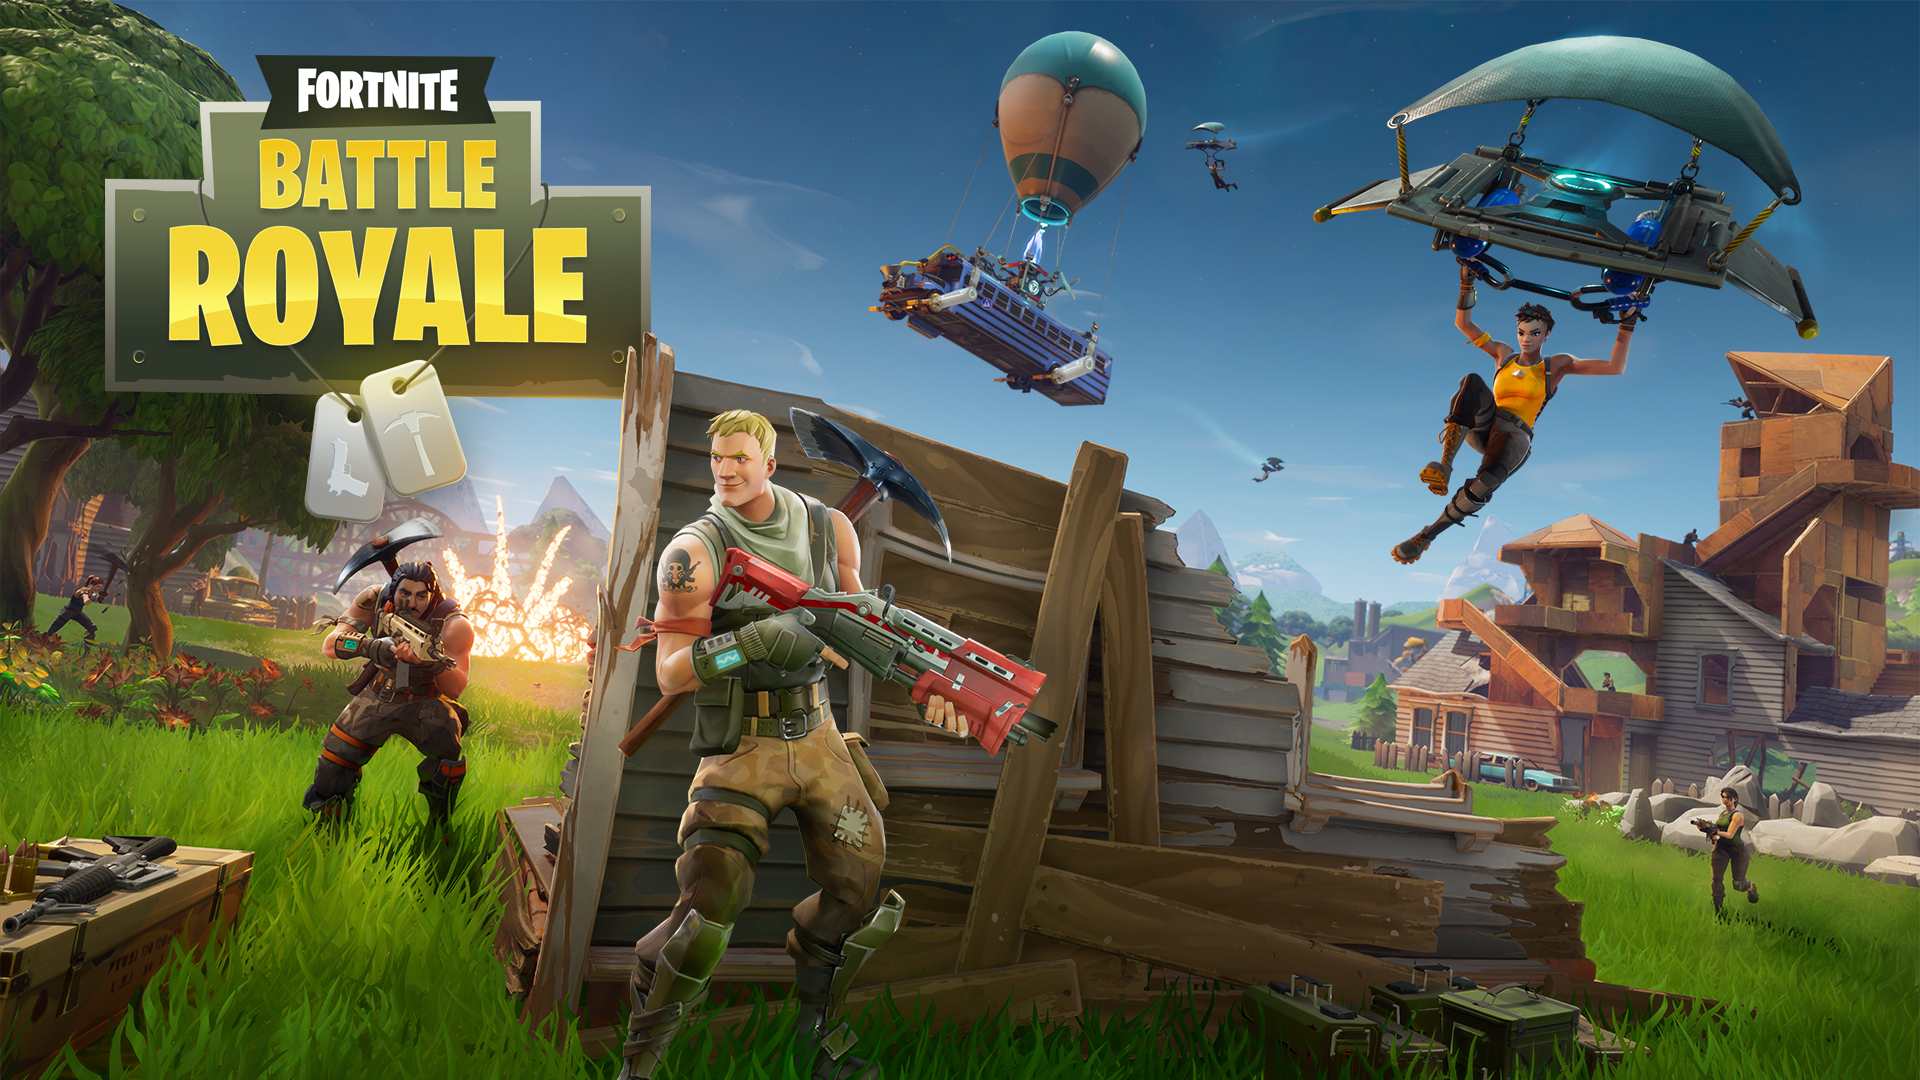 Unreal Engine 4 recebe melhorias de performance graças a Fortnite: Battle Royale